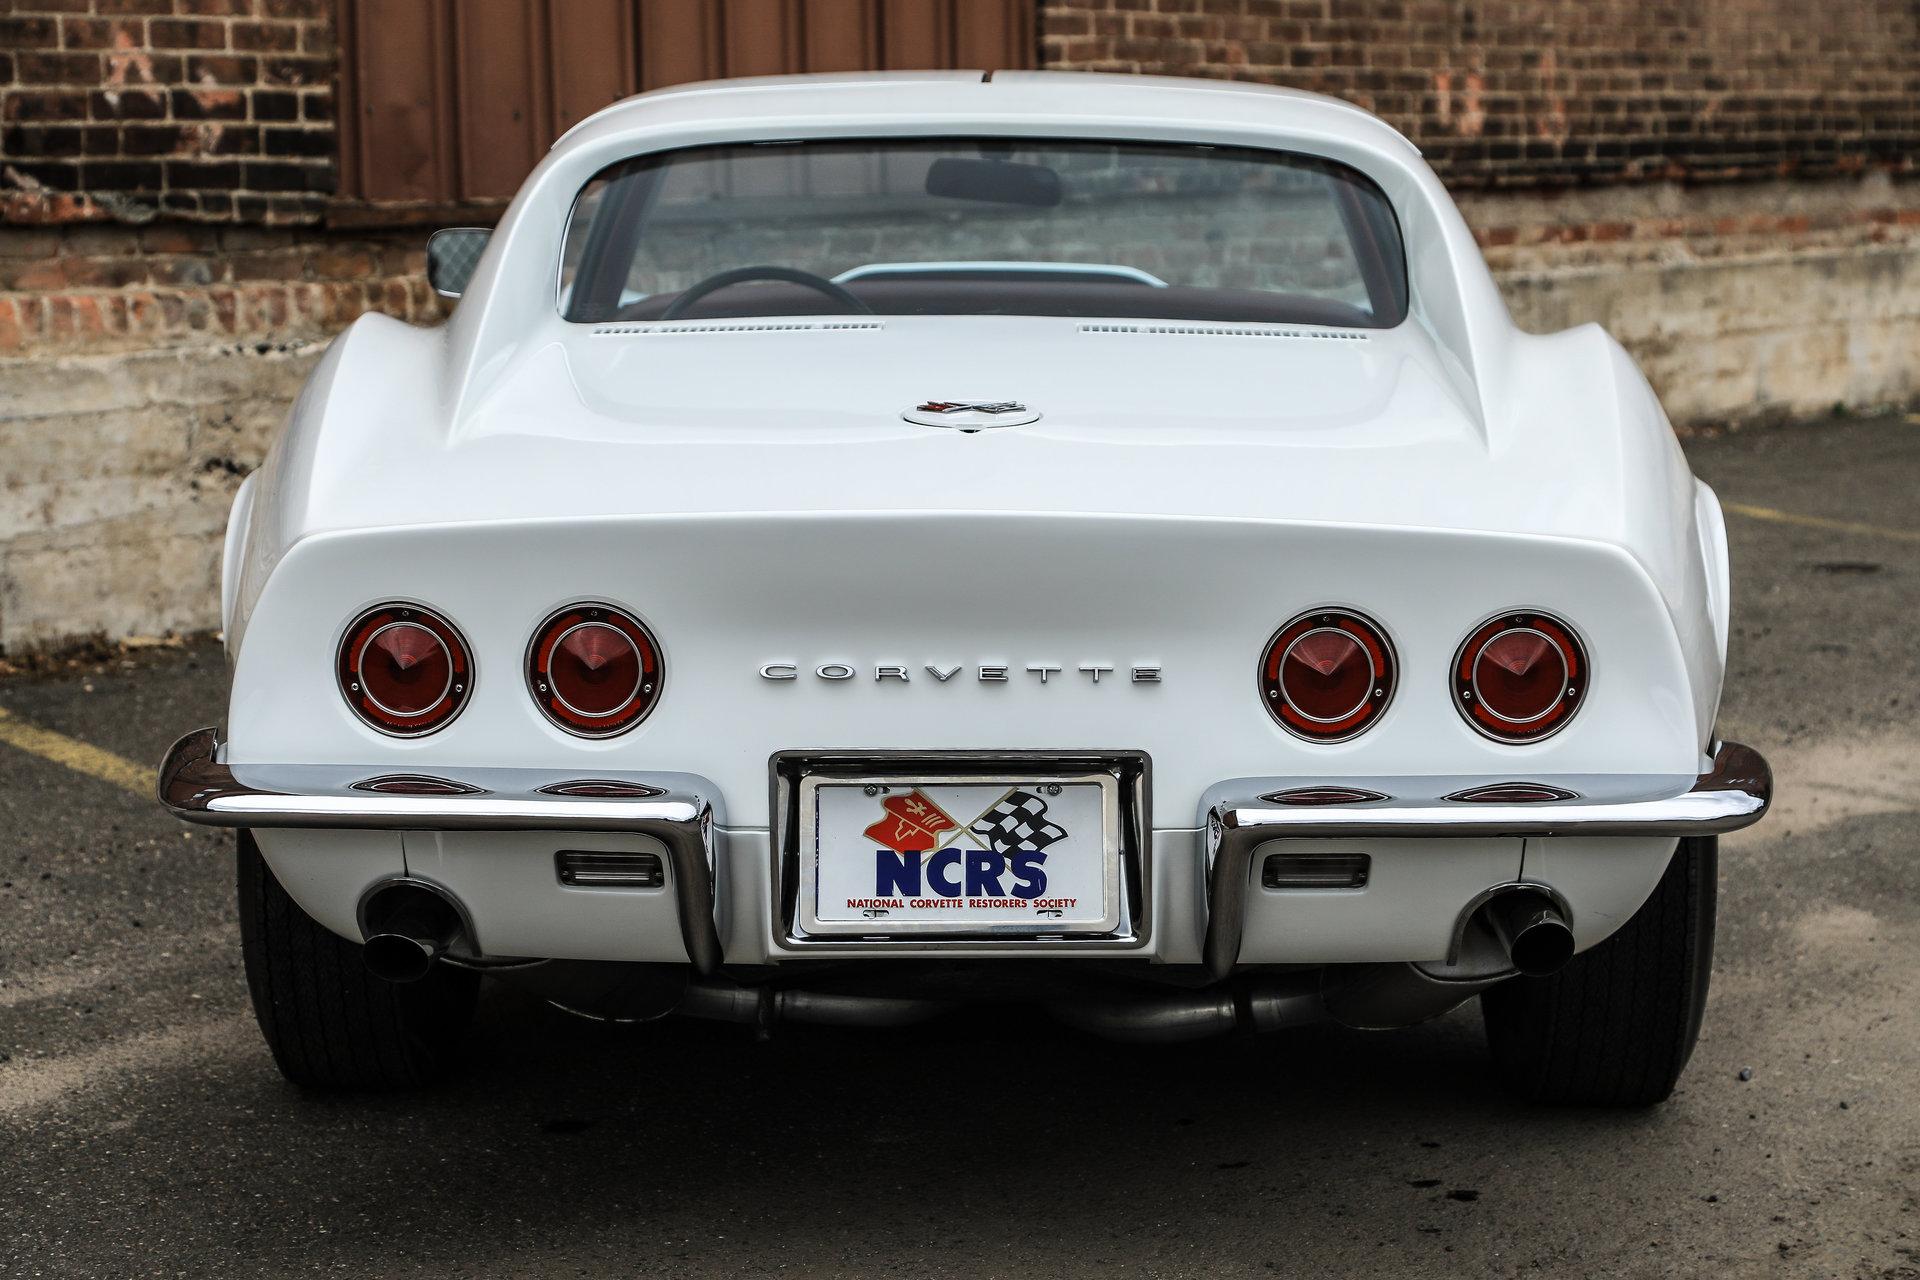 F E Bef Hd Chevrolet Corvette L